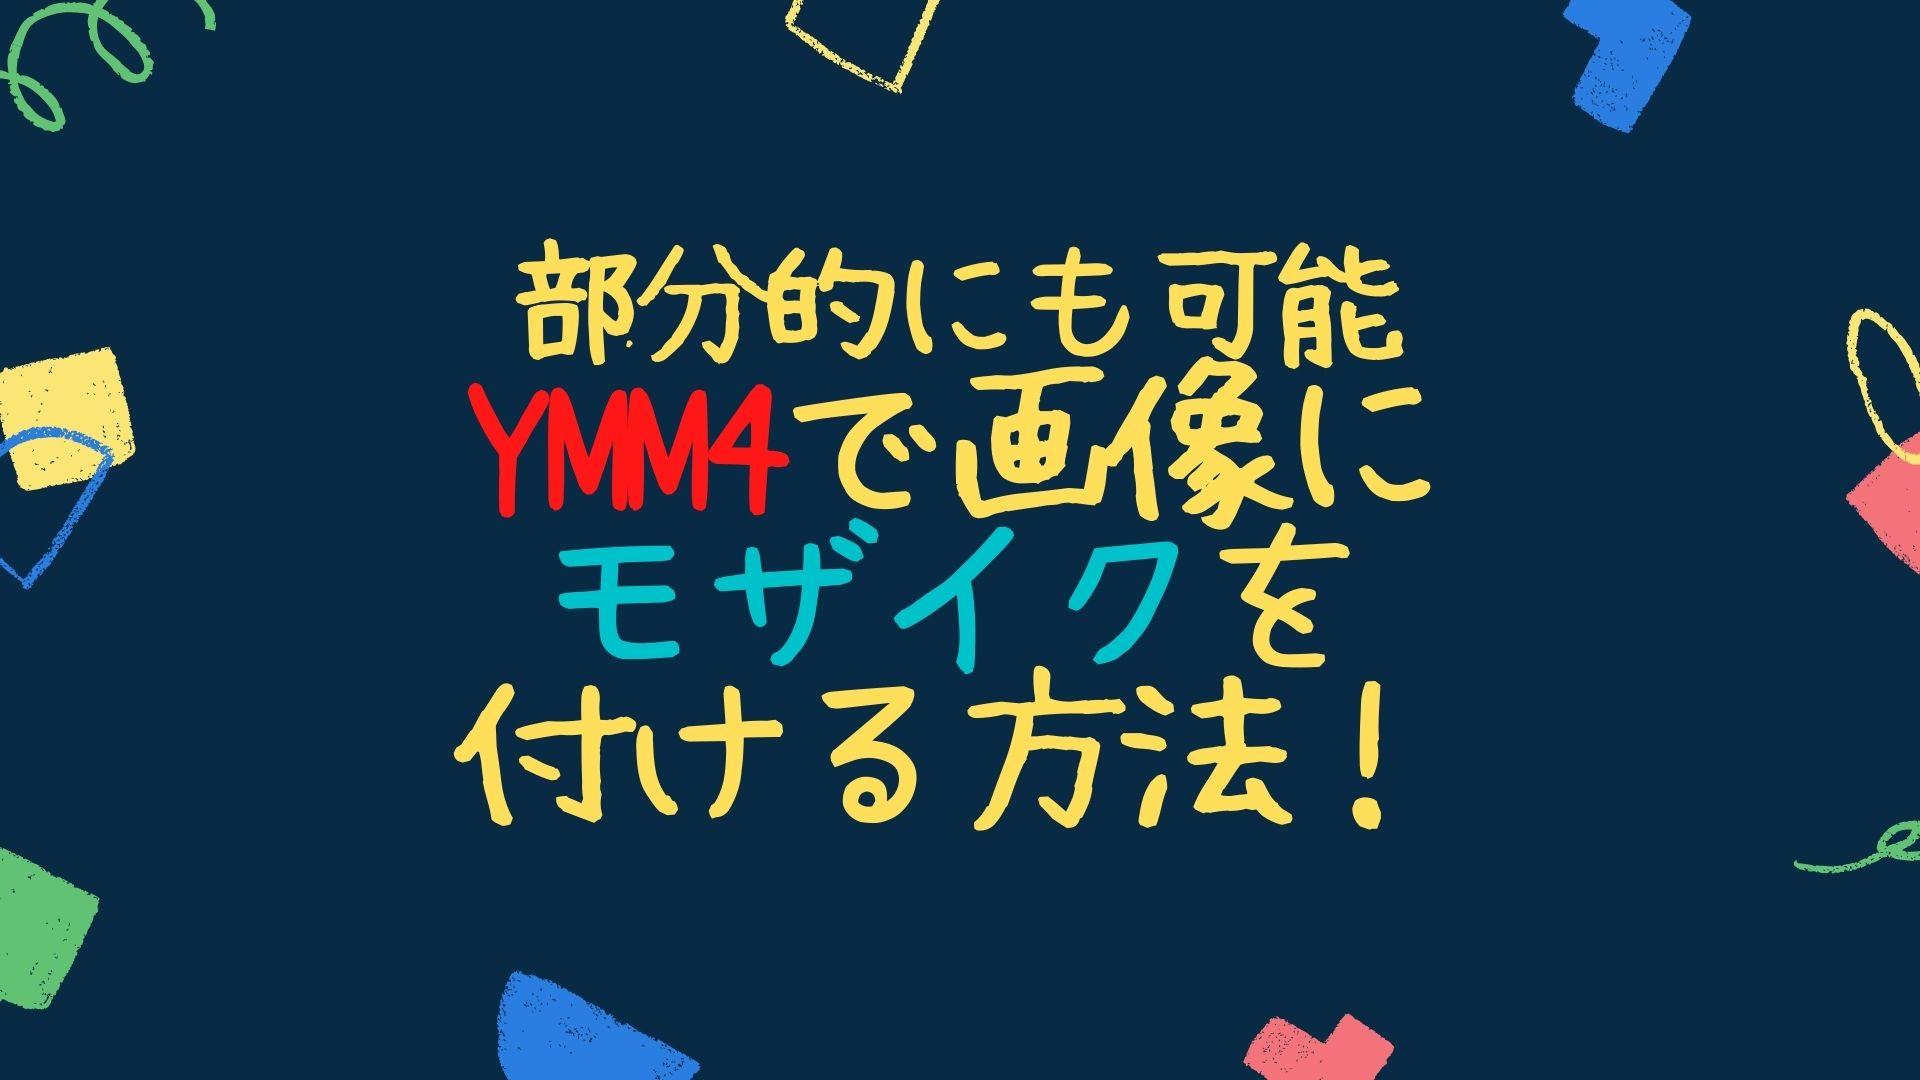 【部分的にも可能】YMM4で画像にモザイクを付ける方法!動画投稿者が解説